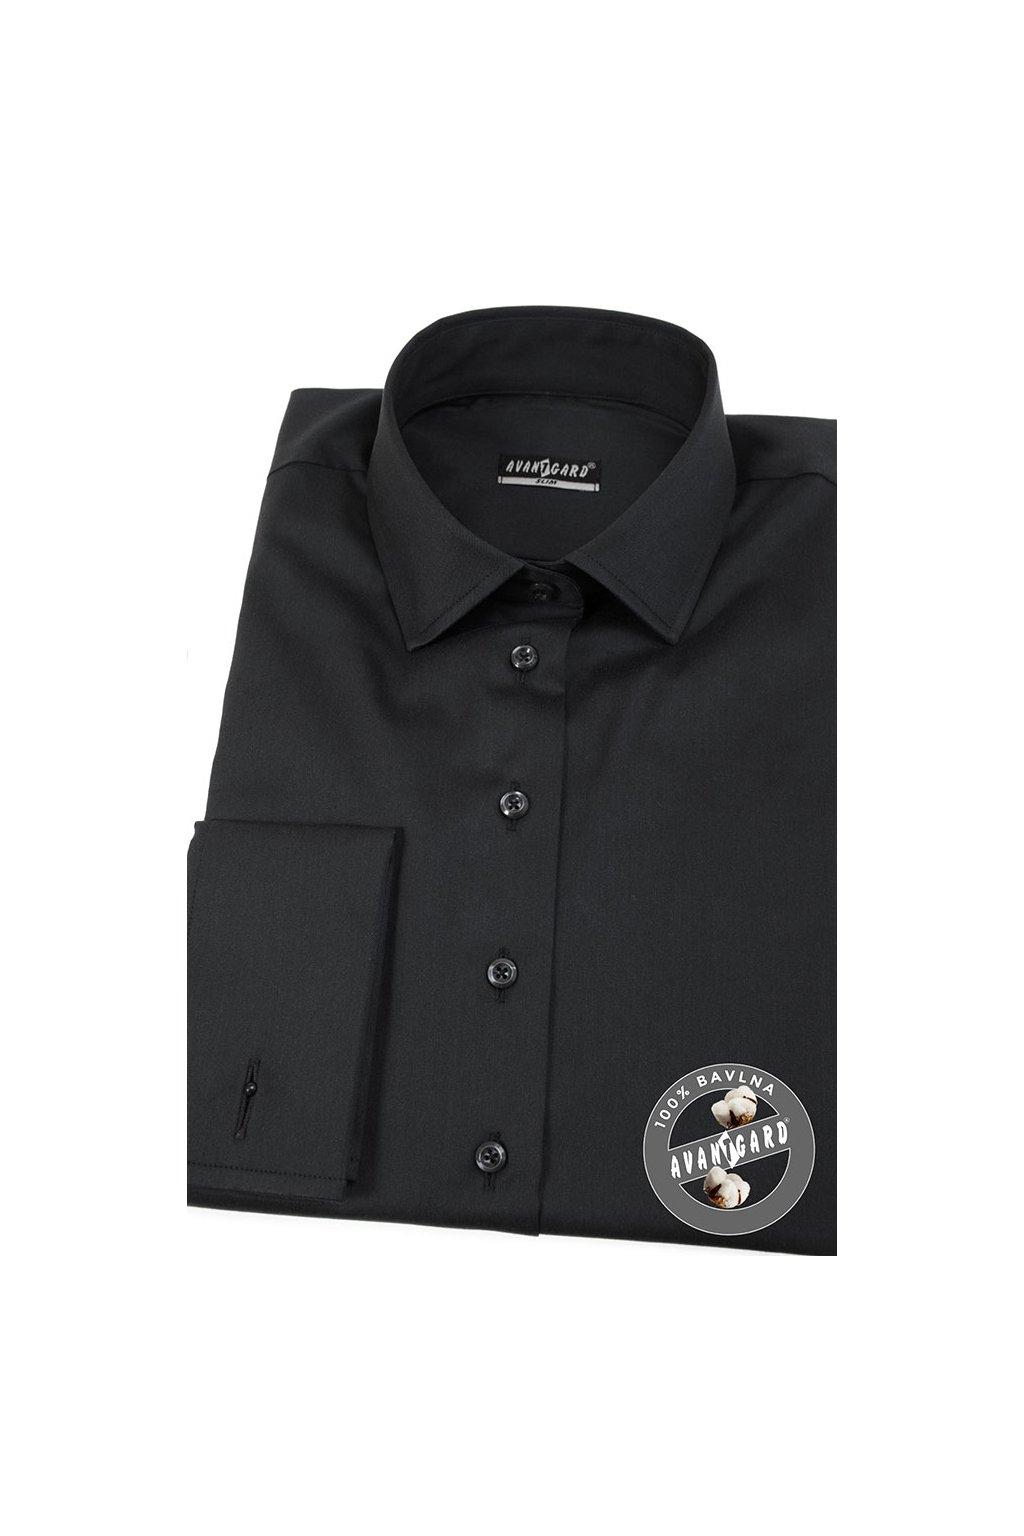 Dámská košile s dvojitými manžetami na manžetové knoflíčky černá 722 - 2323